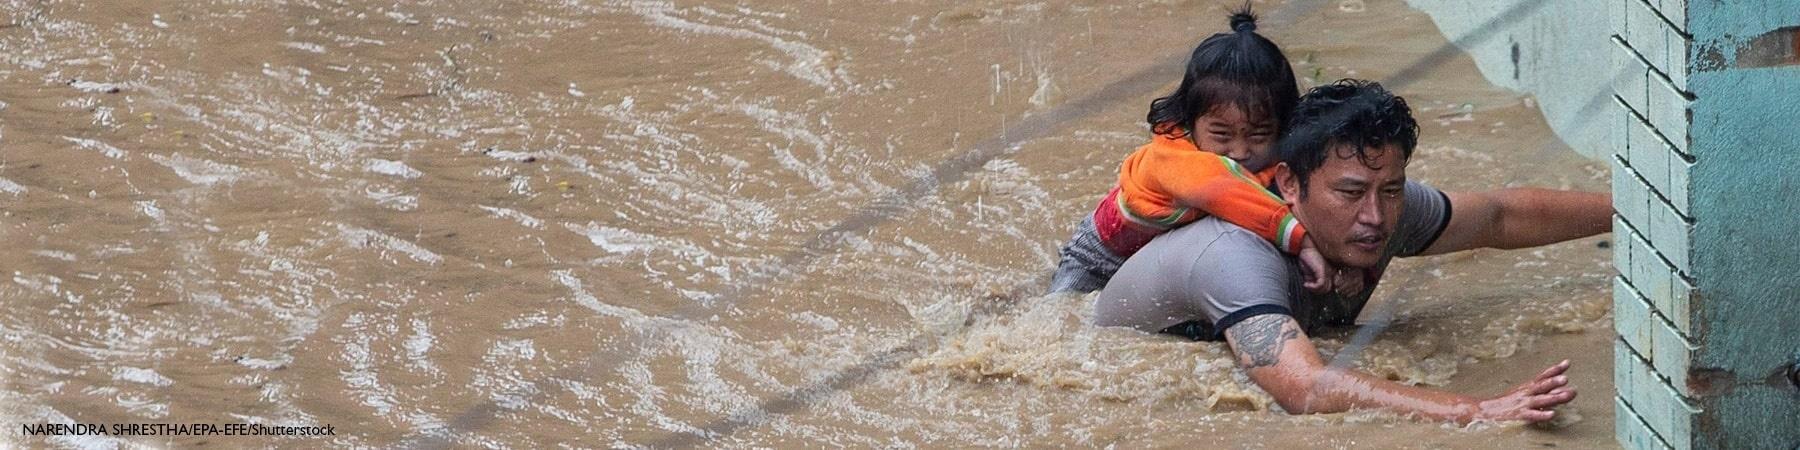 papà con la figlia sulle spalle cerca di uscire da un fiume creatosi dopo l inondazione